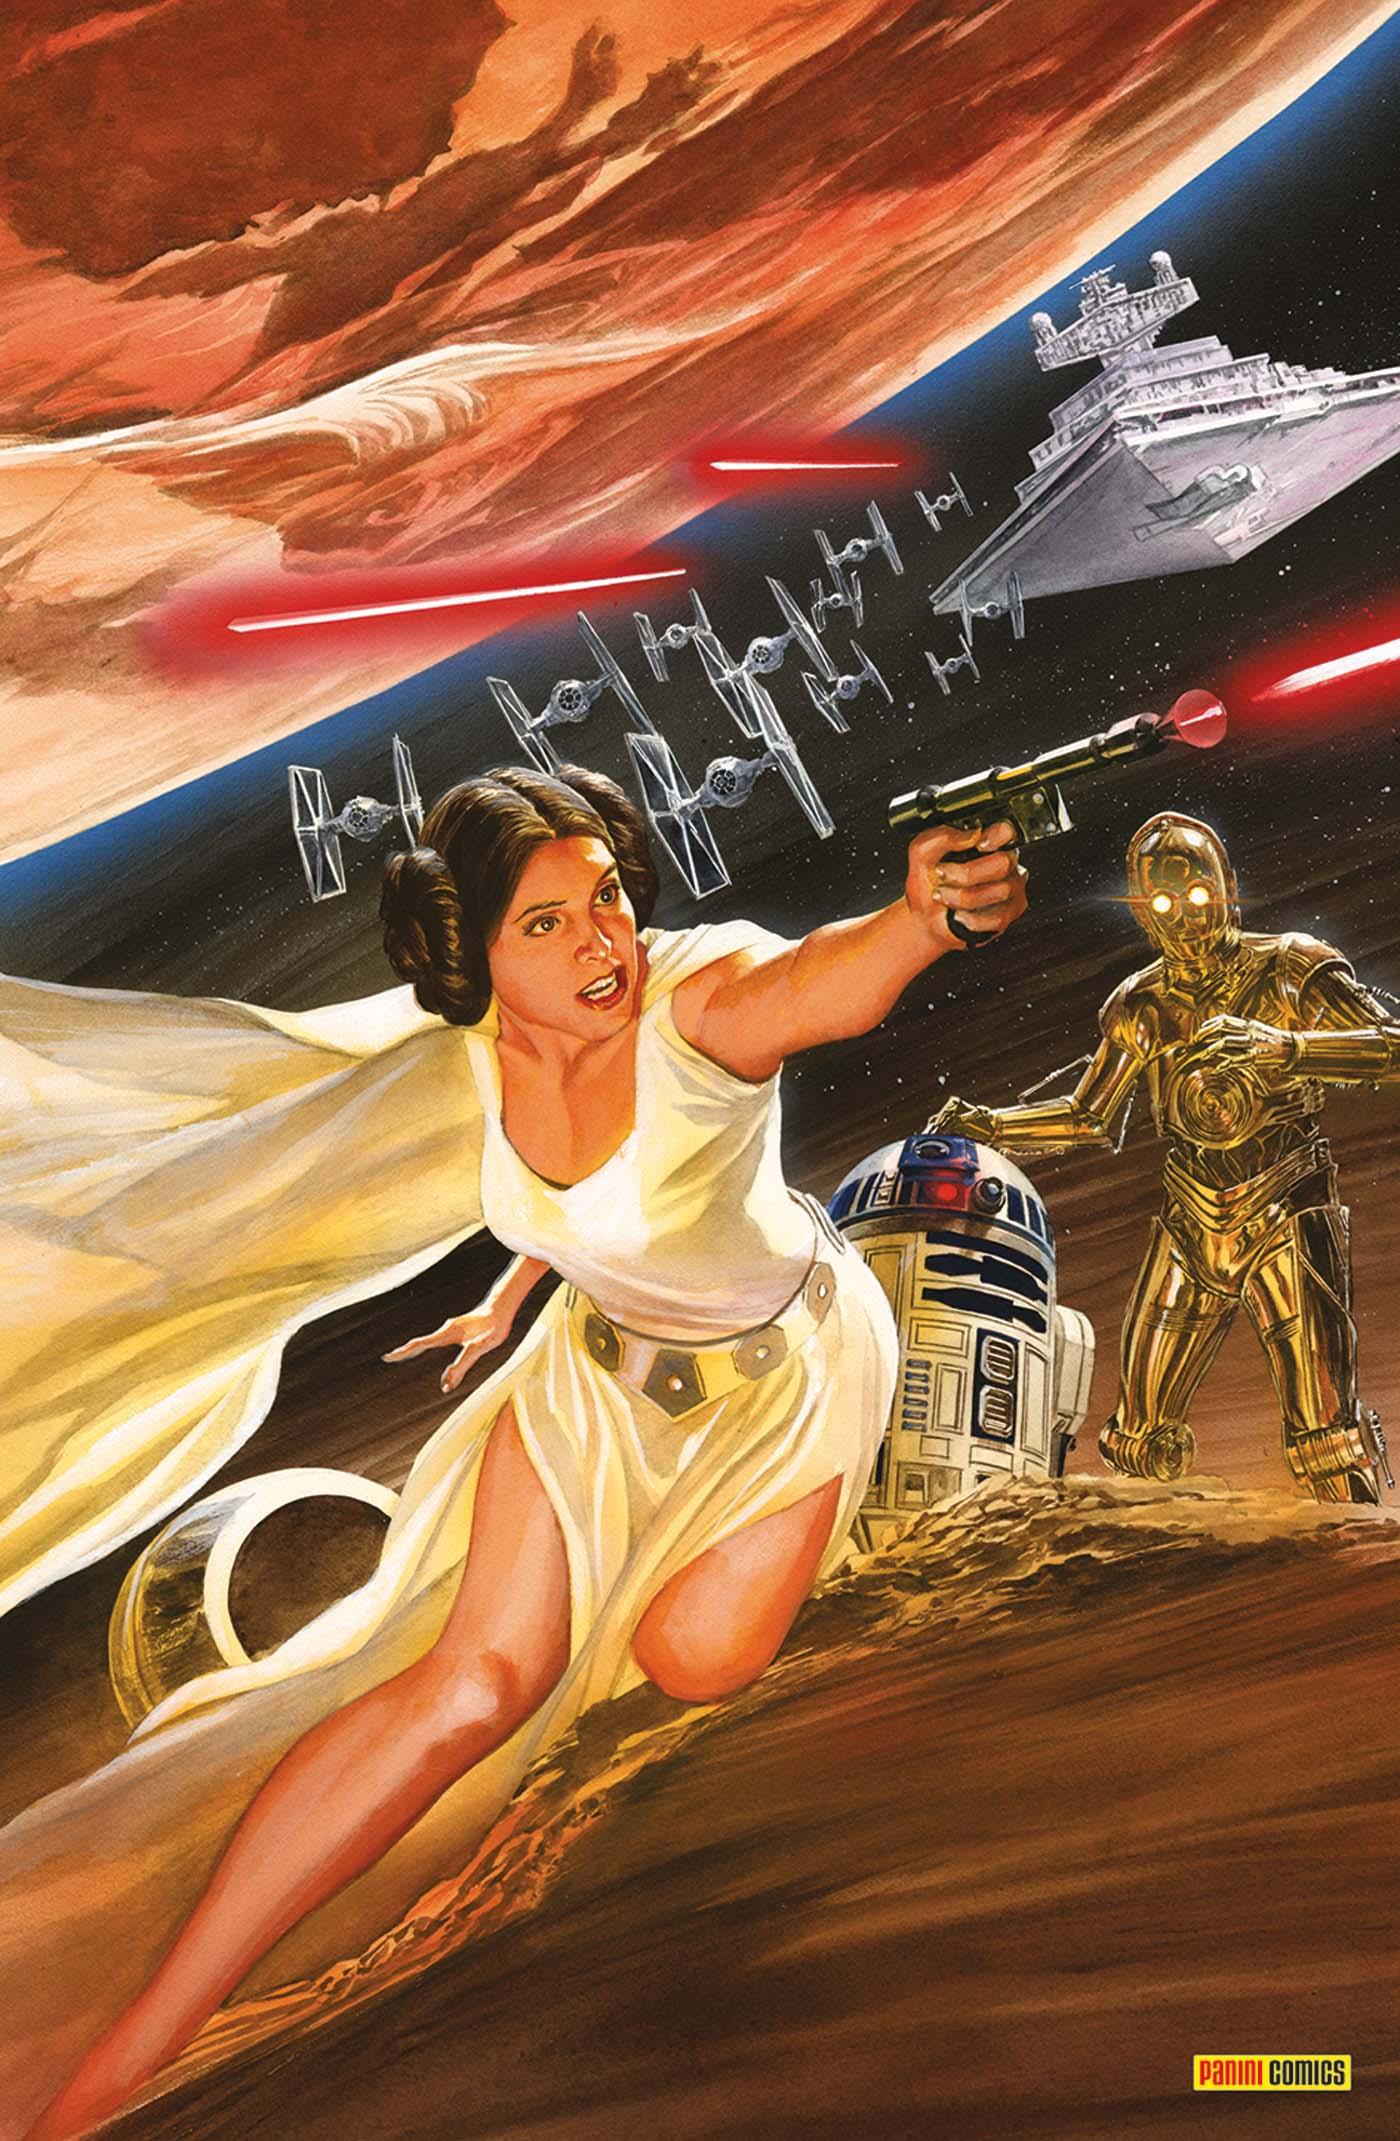 Star Wars 3 - Édition collector d'Alex Ross disponible en librairie - Tirage limité à 1 200 exemplaires